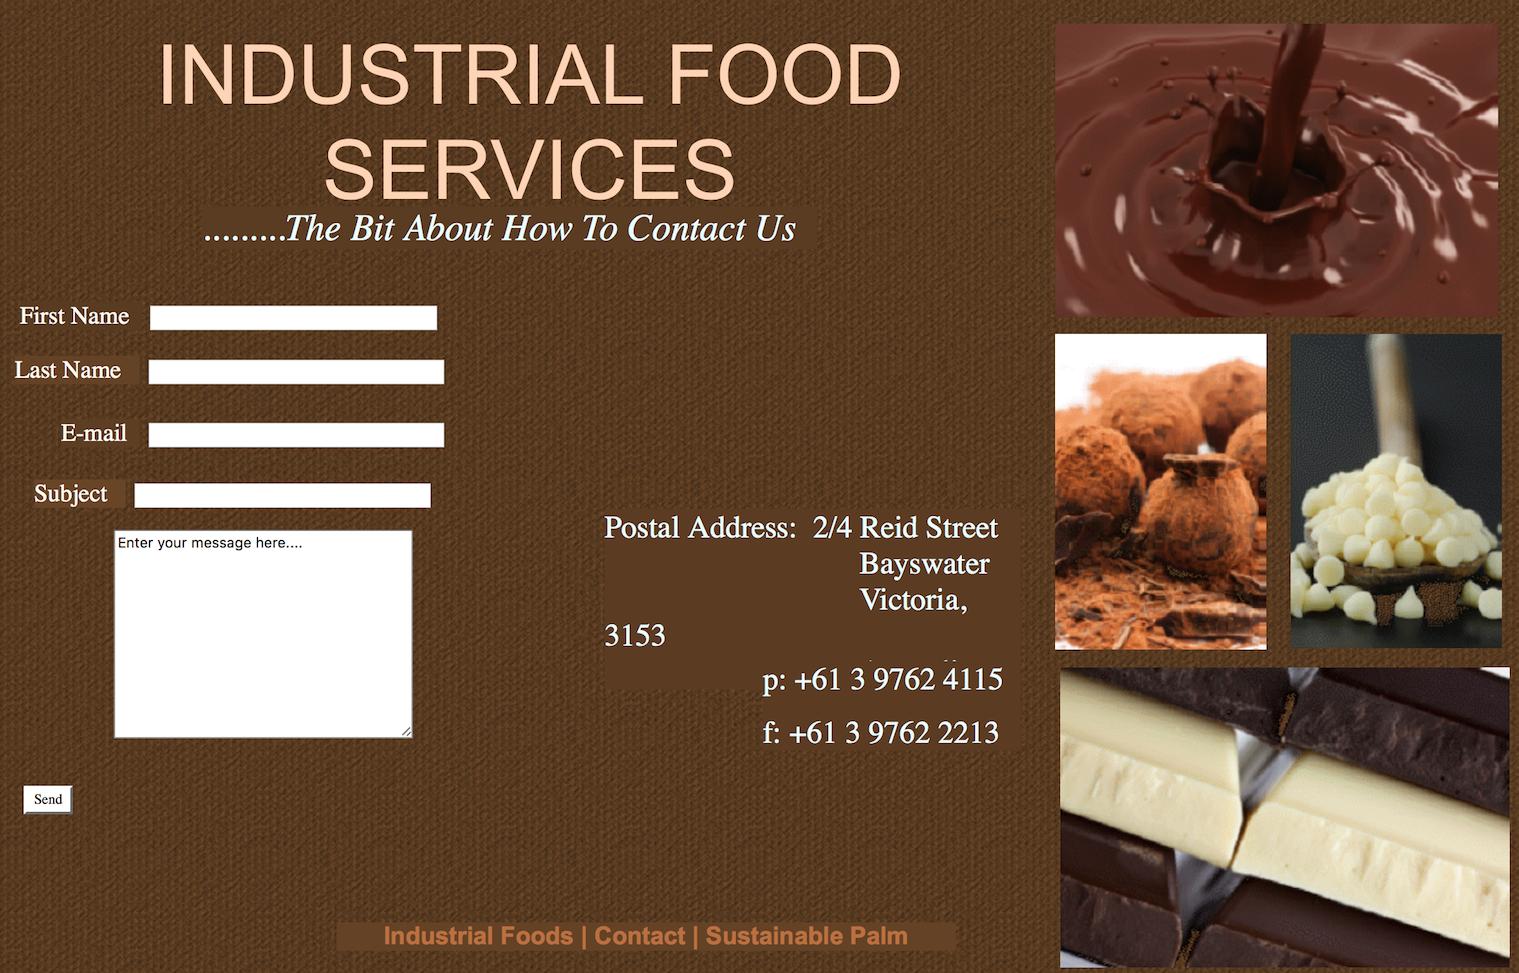 日本食品原料生产商不二制油收购澳洲巧克力和可可生产商 Industrial Food Service